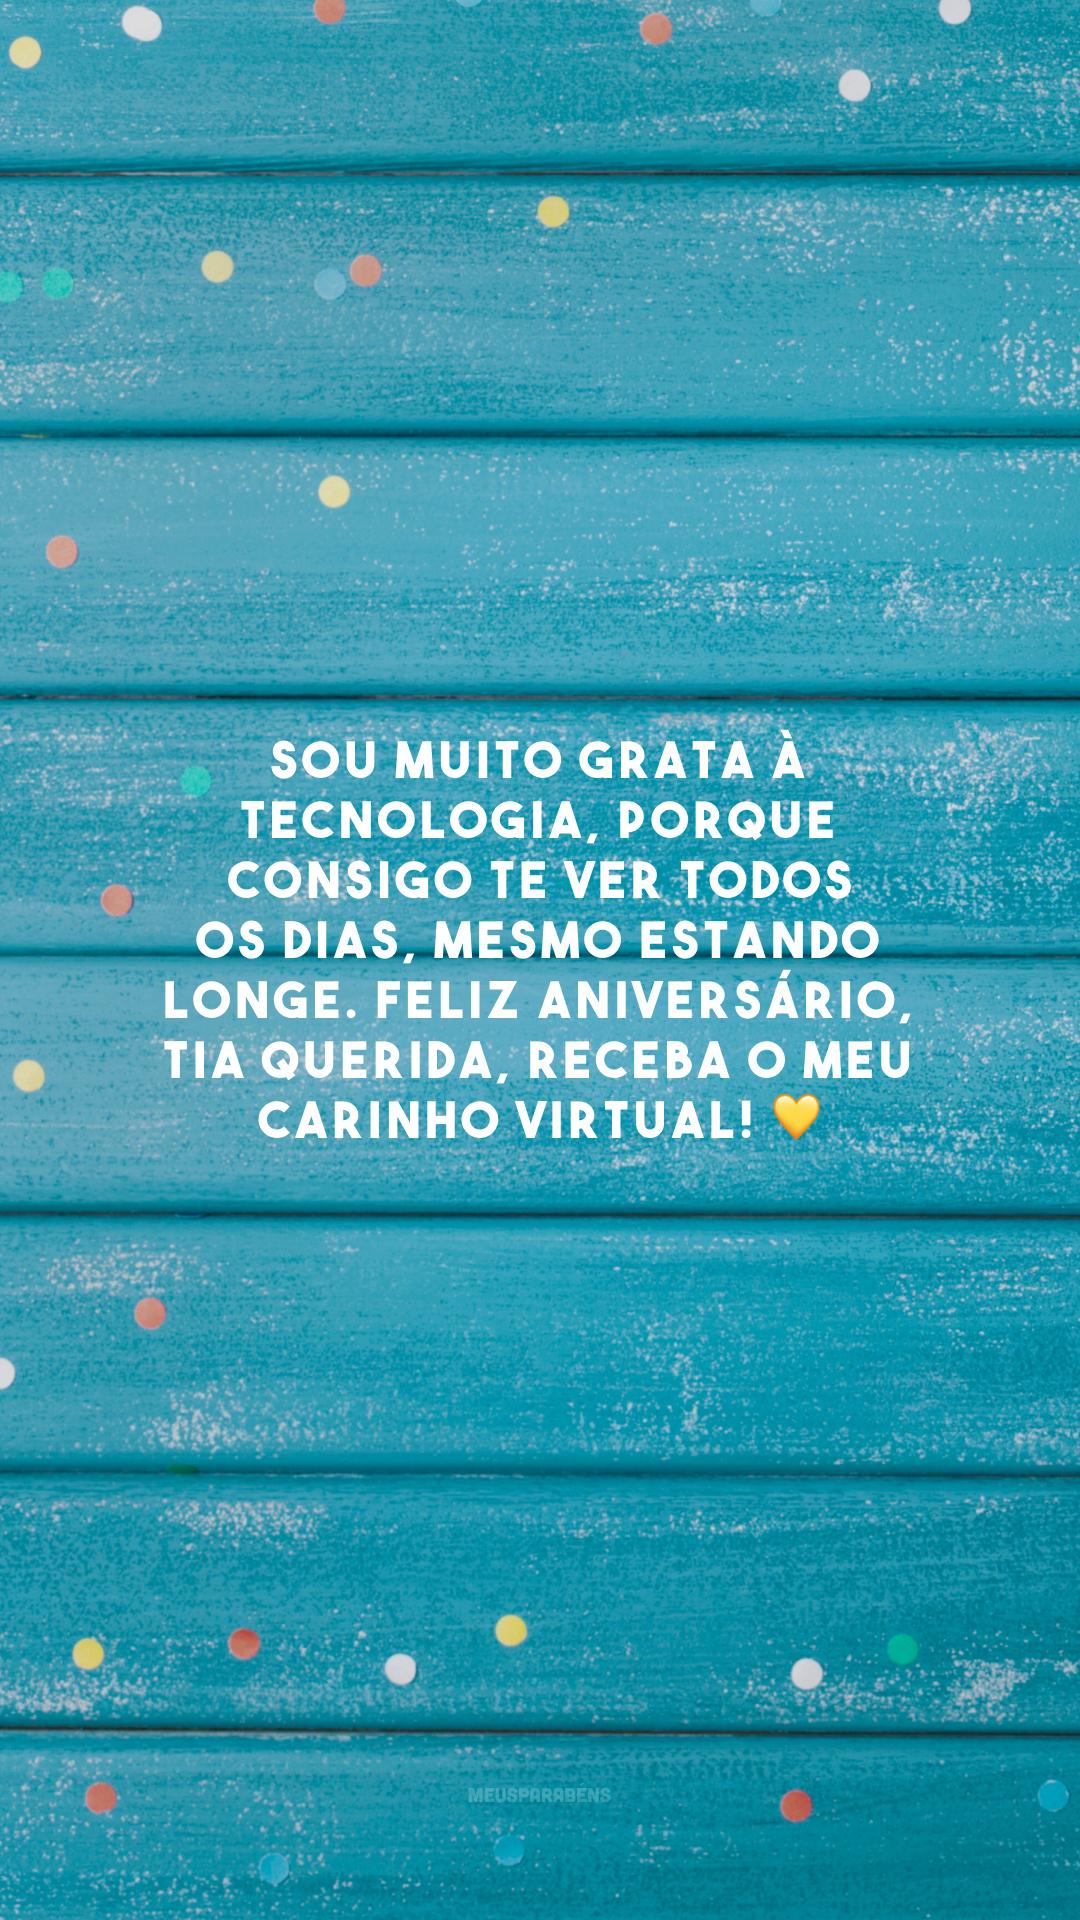 Sou muito grata à tecnologia, porque consigo te ver todos os dias, mesmo estando longe. Feliz aniversário, tia querida, receba o meu carinho virtual! 💛